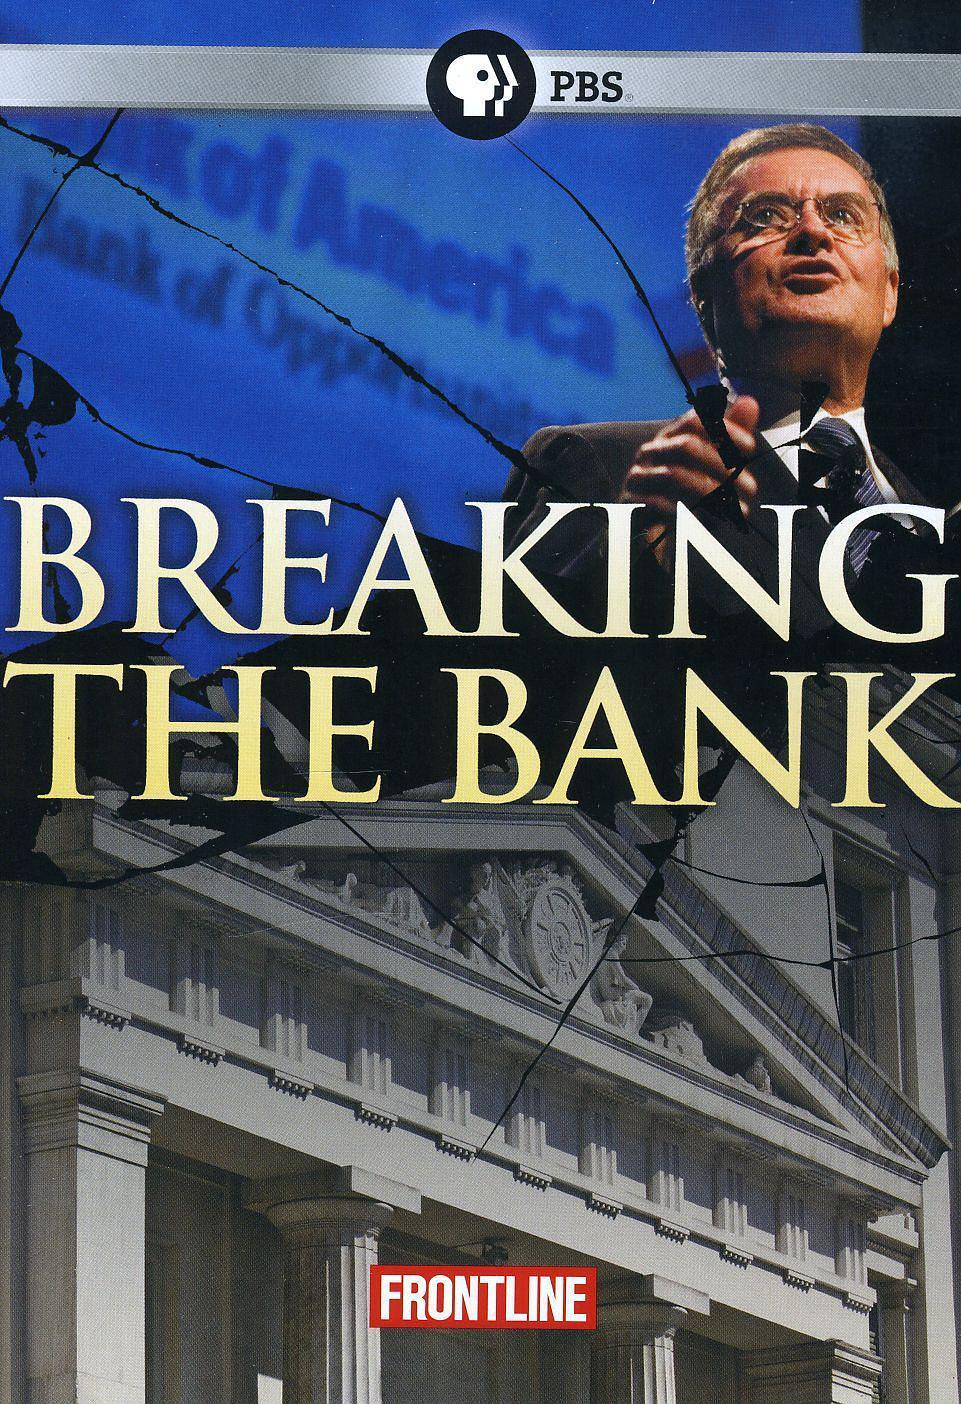 崩溃的银行